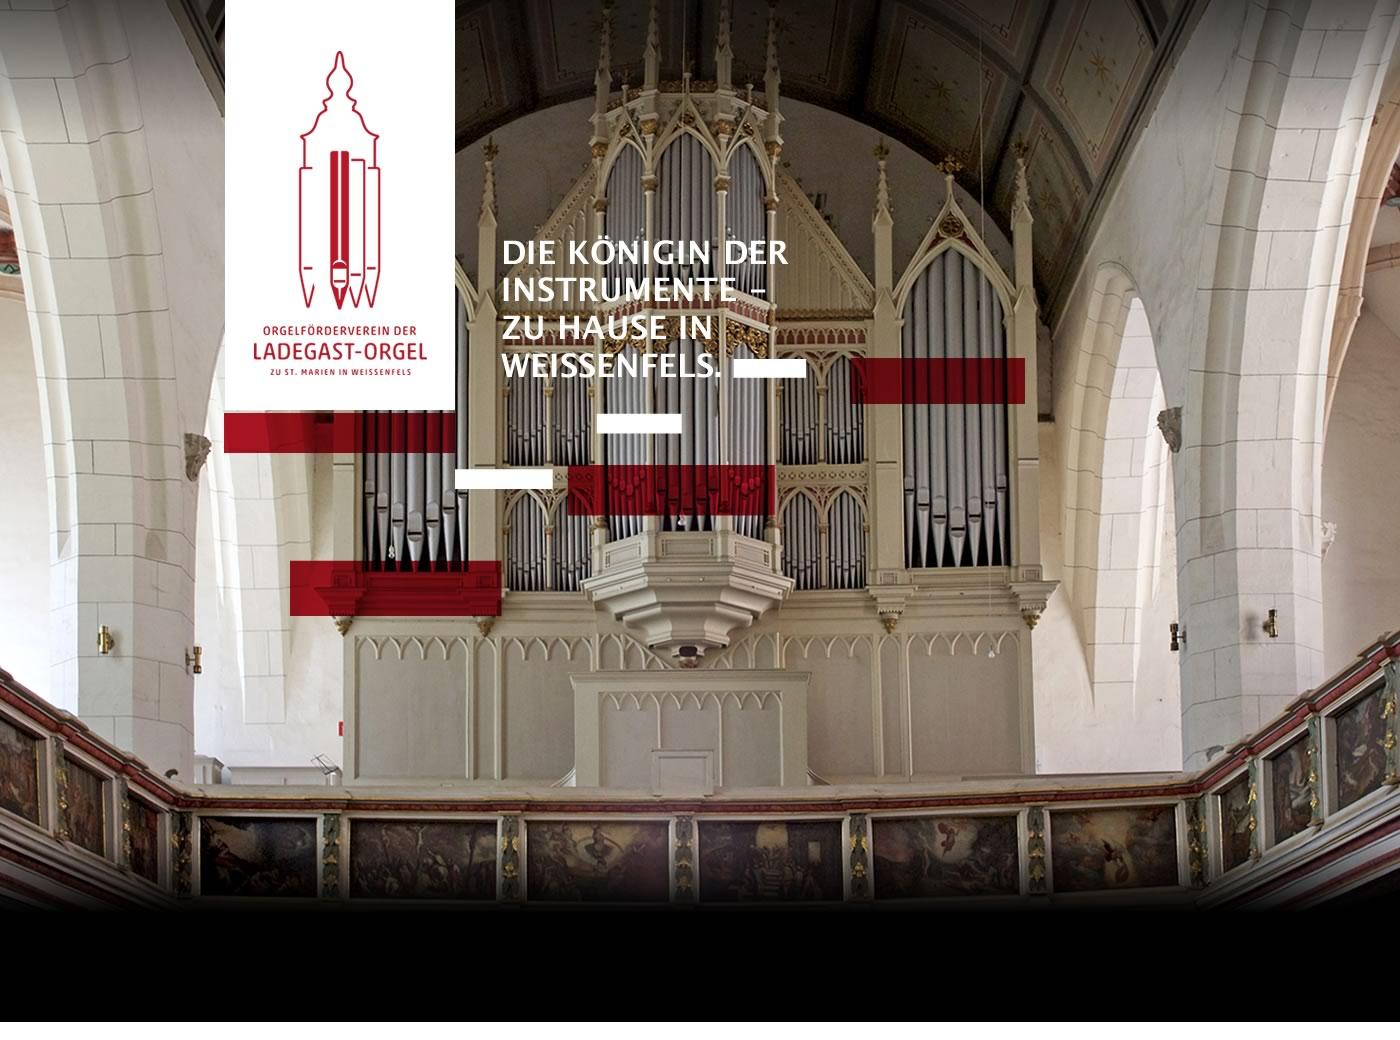 Ladegast Orgel In Der Marienkirche Weissenfels Musikkoffer Sachsen Anhalt